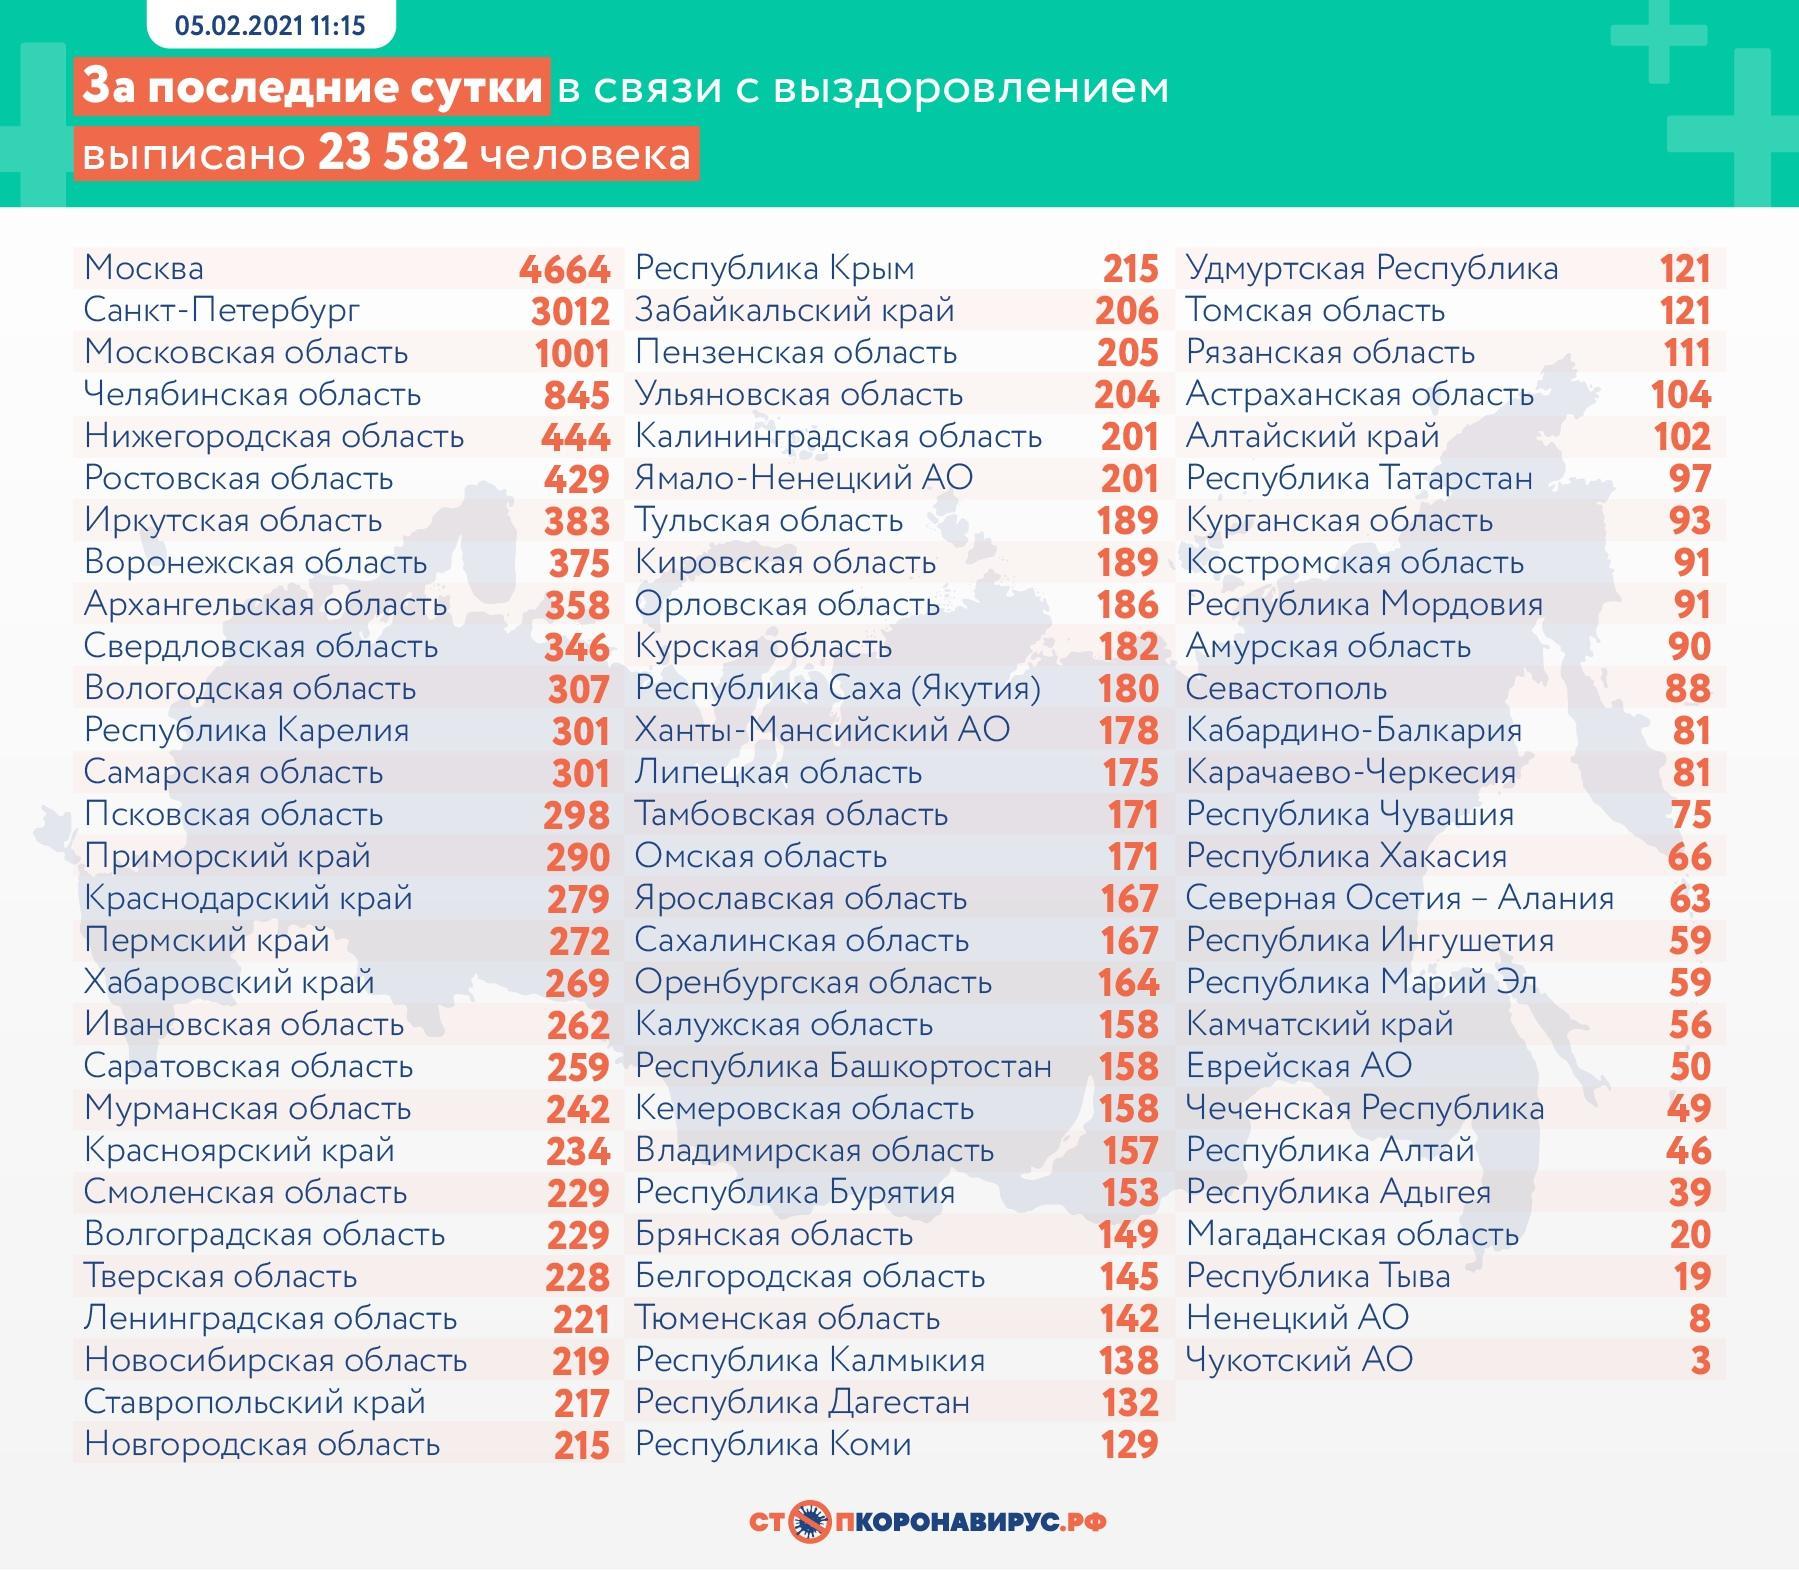 фото Ещё 527 человек умерли от коронавируса в России за сутки 2